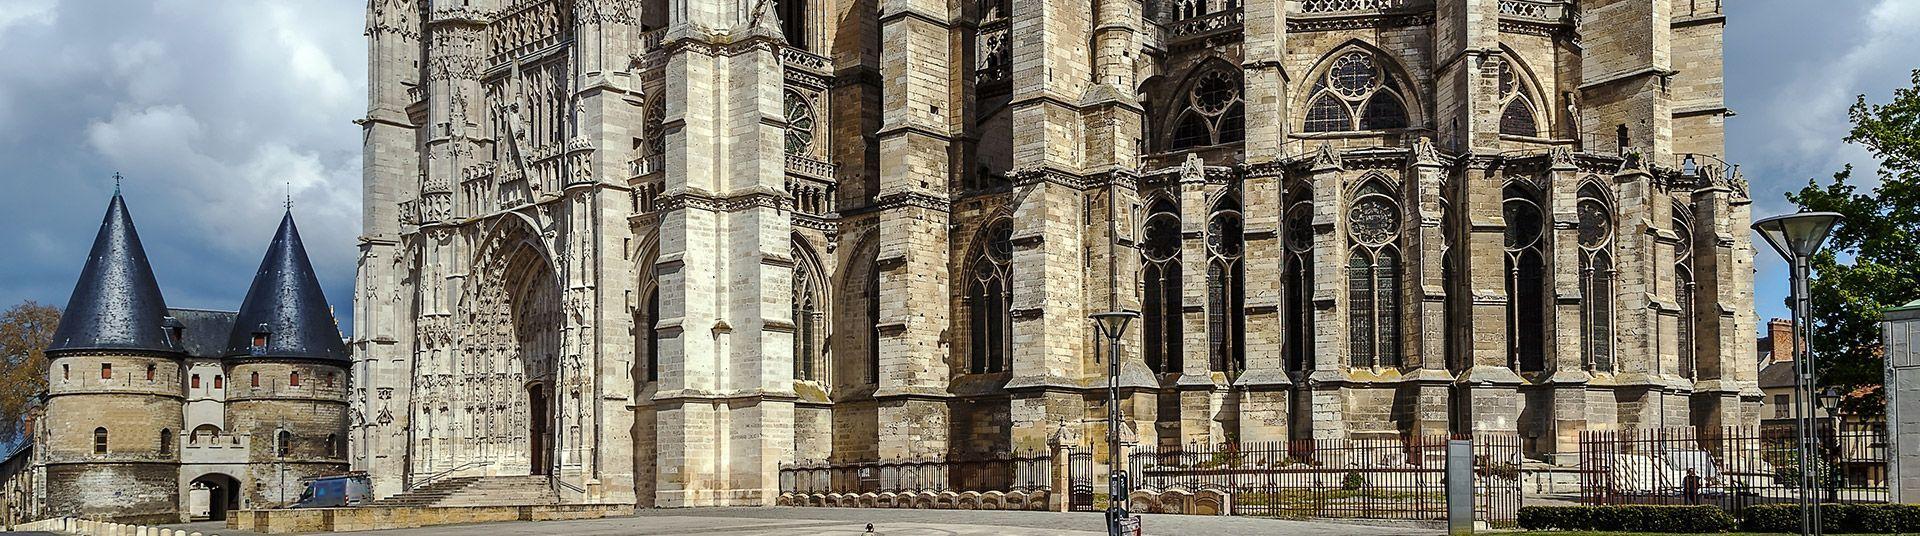 Vol Beauvais Vce Billet D Avion Beauvais Pas Cher Avec Bdv Fr